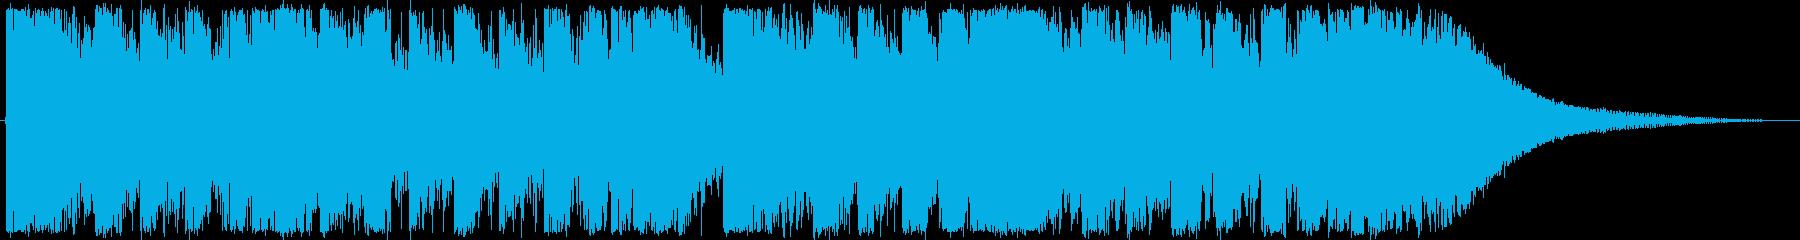 琉球音階を使ったダブステップジングルですの再生済みの波形